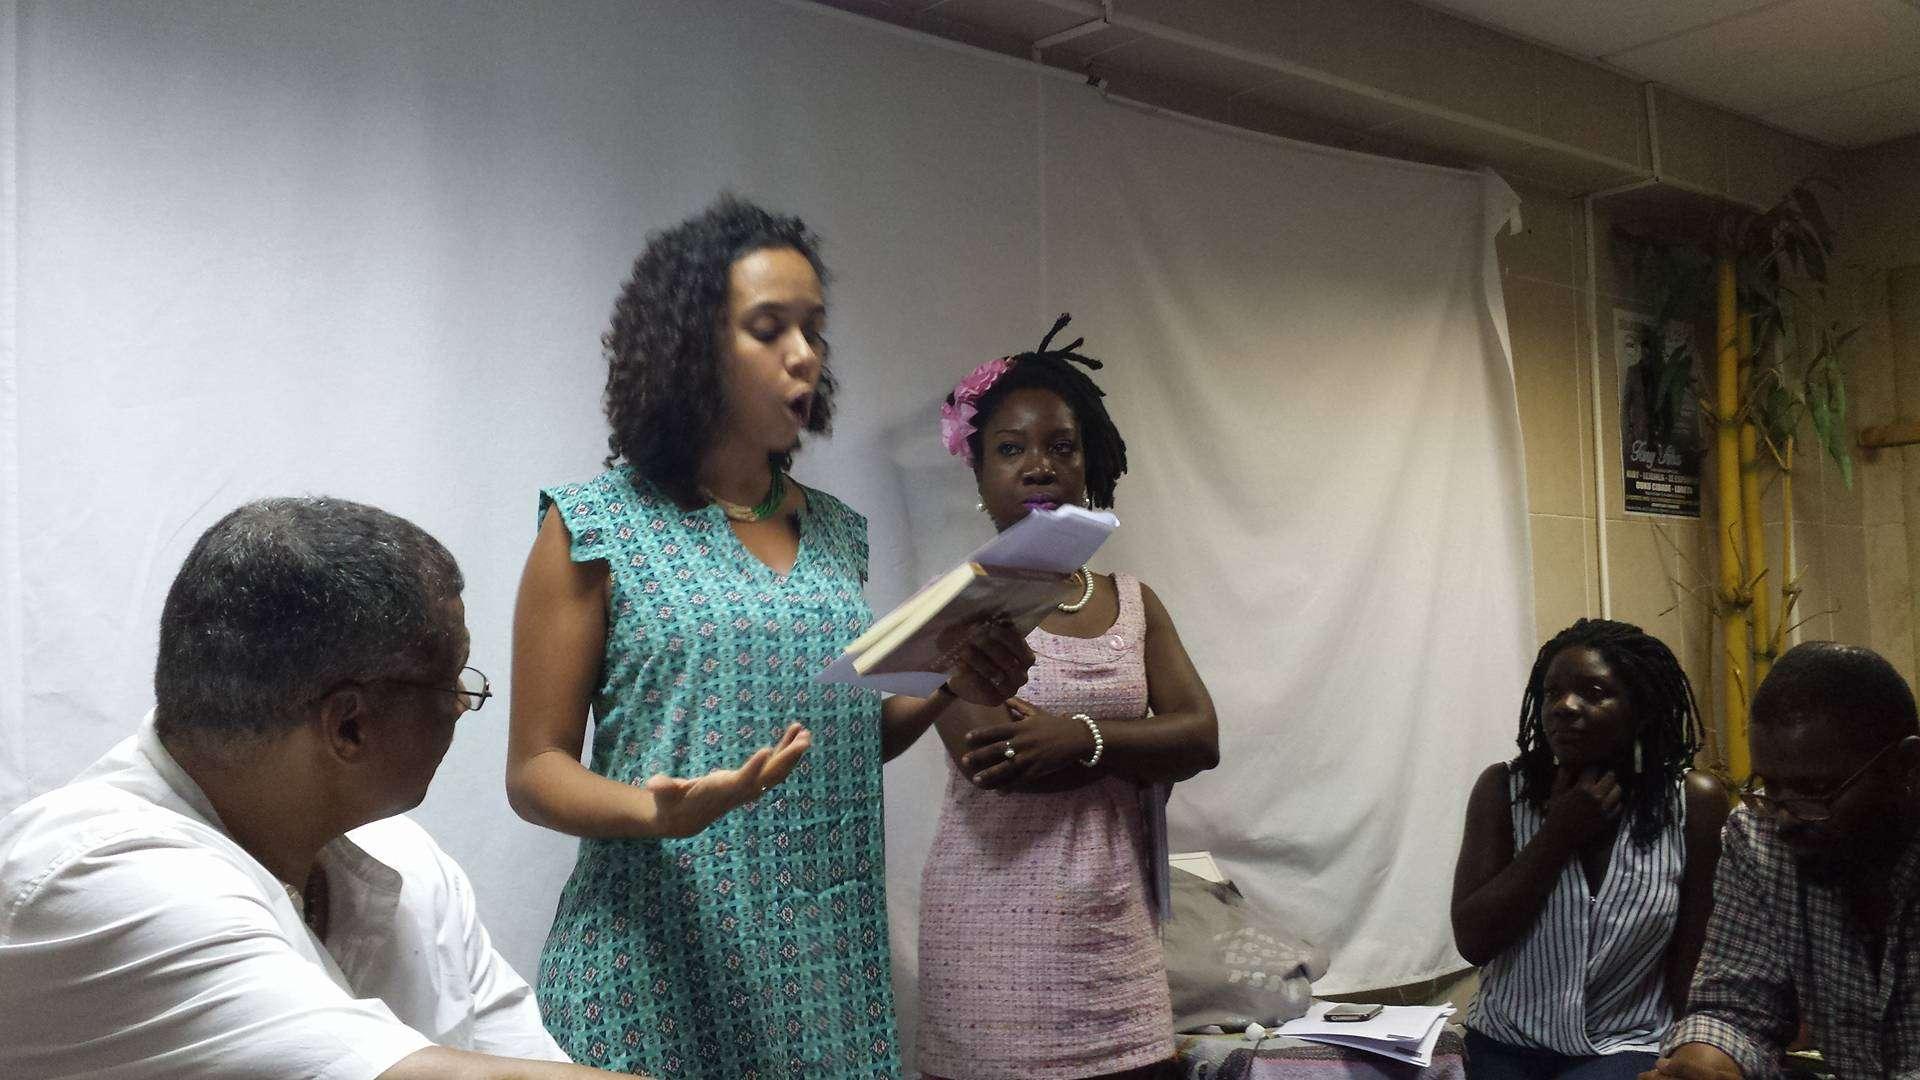 Maíra Zenun e Luzia Gomes no Djidiu_ Amarílis Borges